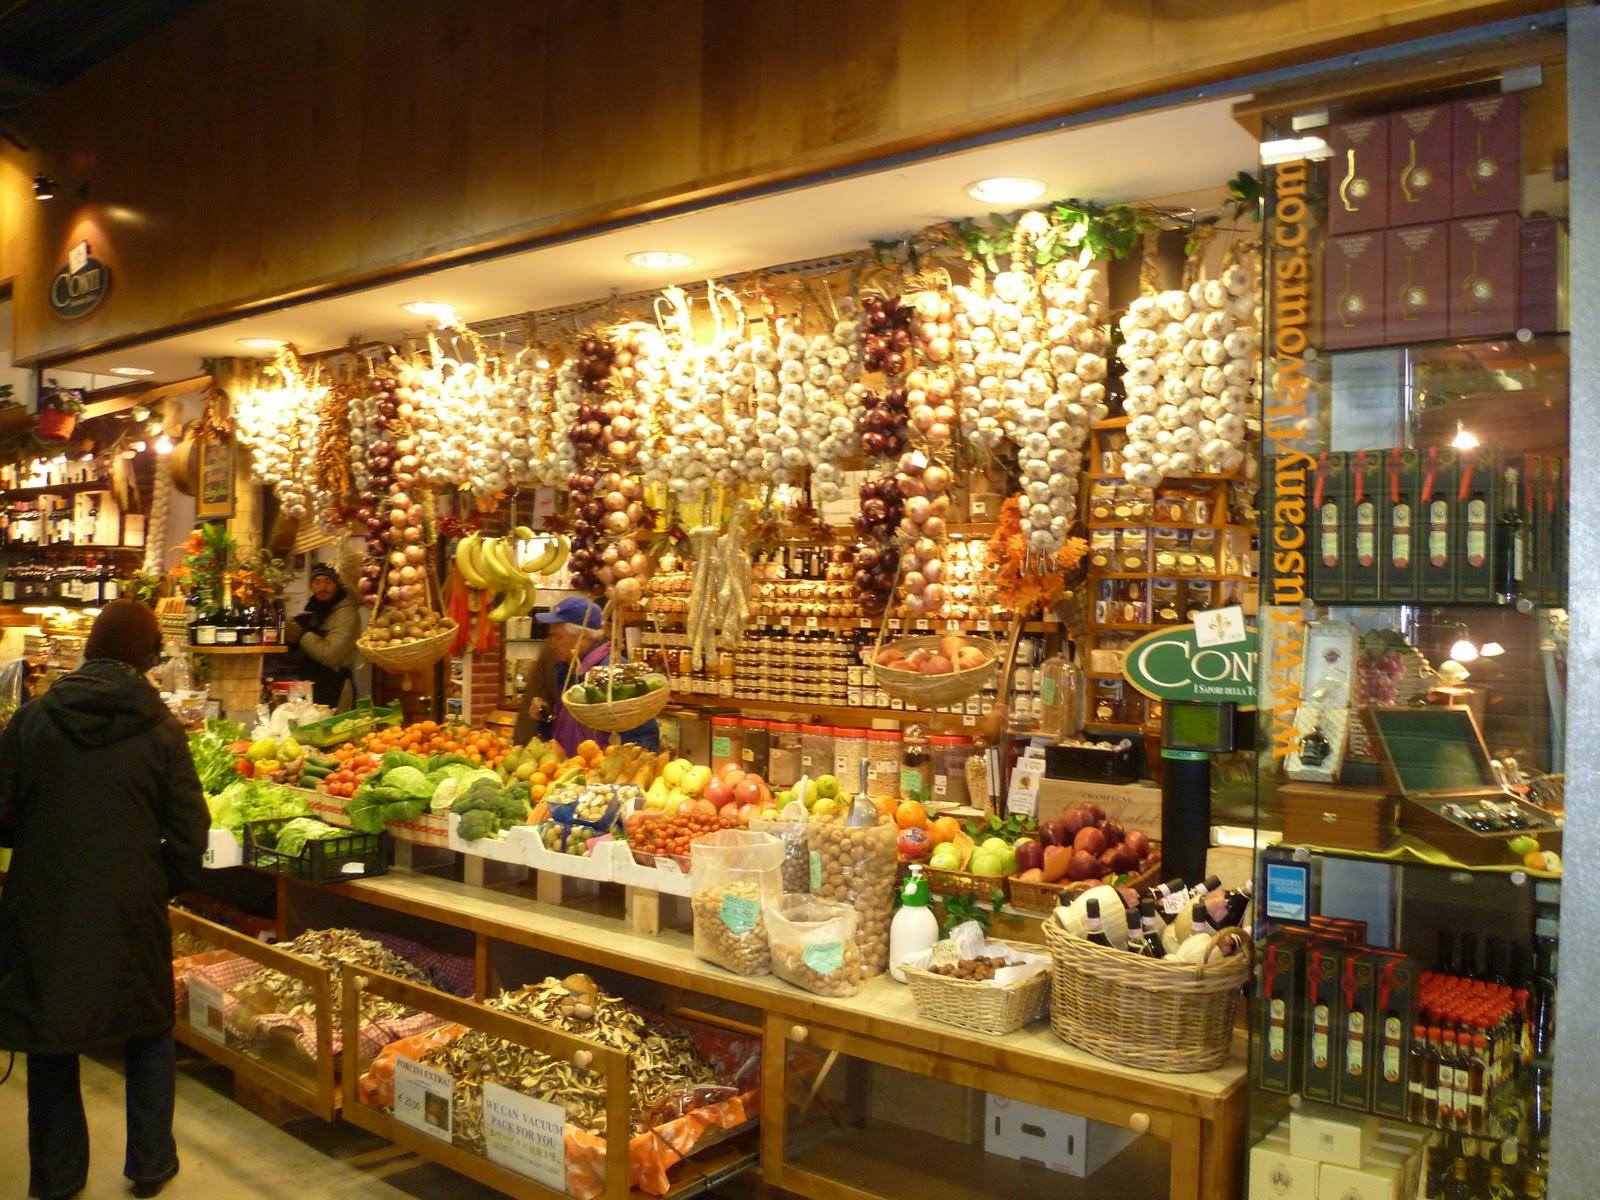 I mercati a firenze delizie gastronomiche vintage e for Mercati oggi a milano